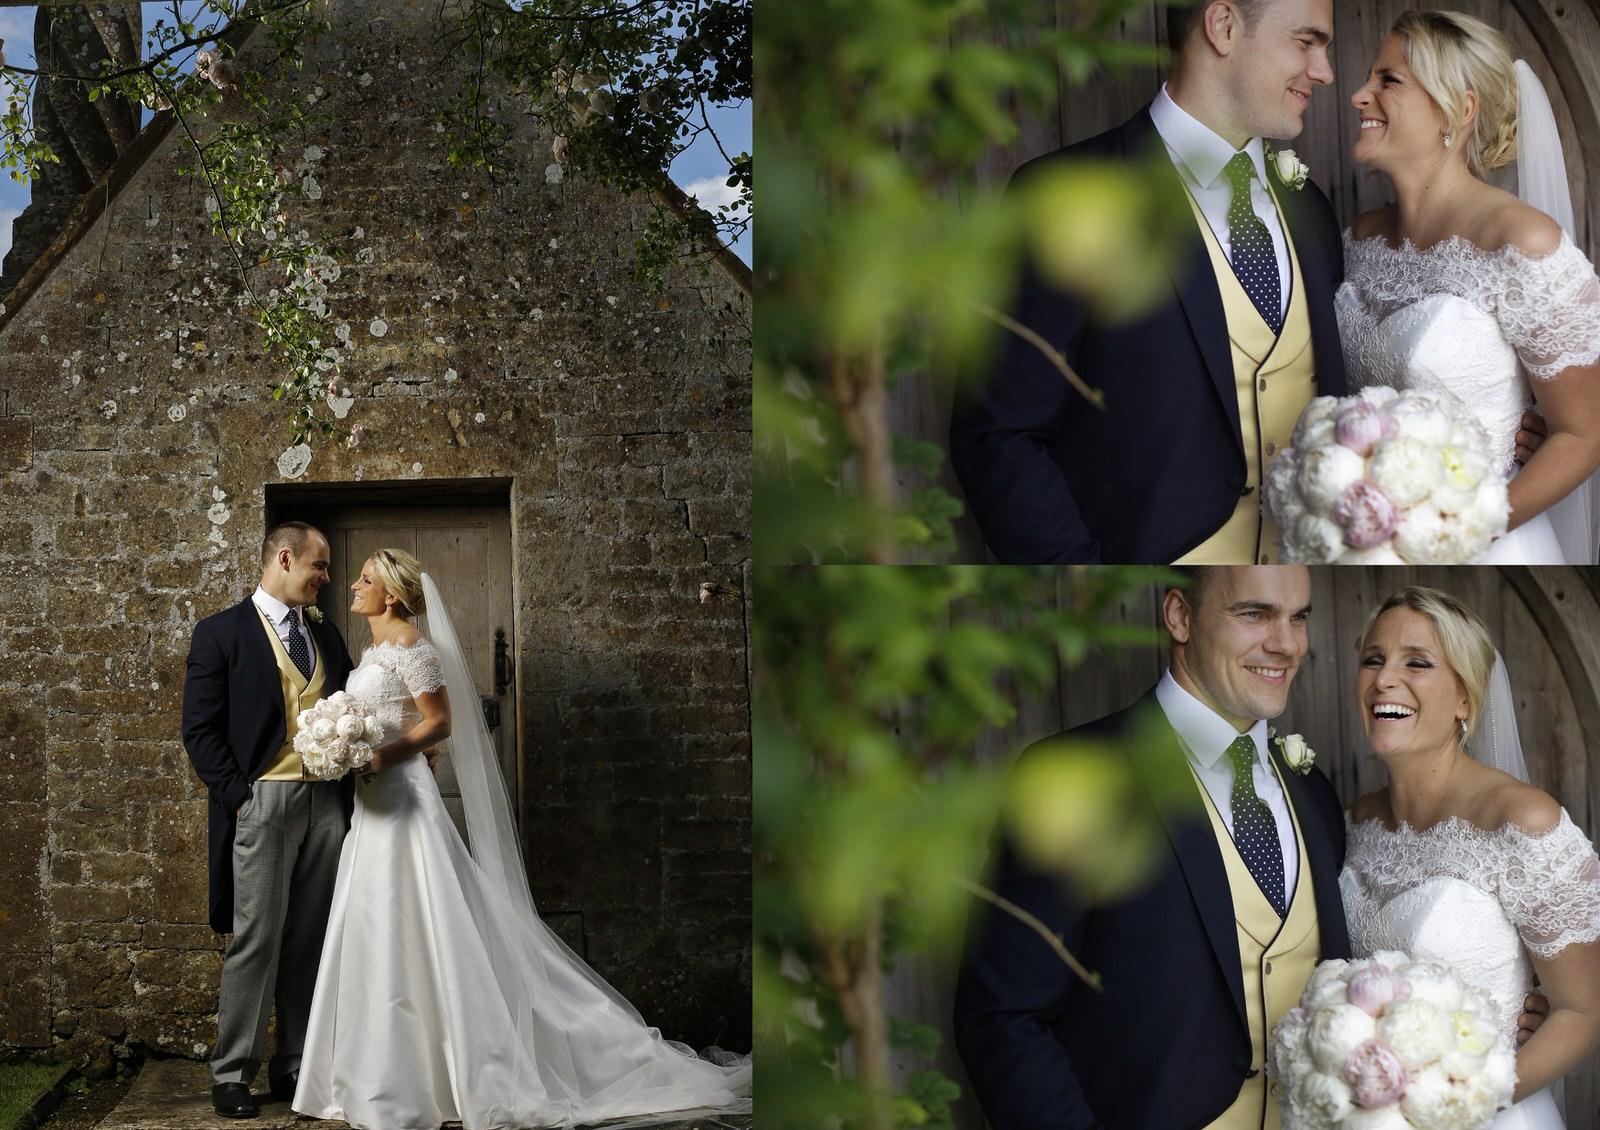 brettharkness-mapperton-house-wedding-photographer-dorset_0026.jpg